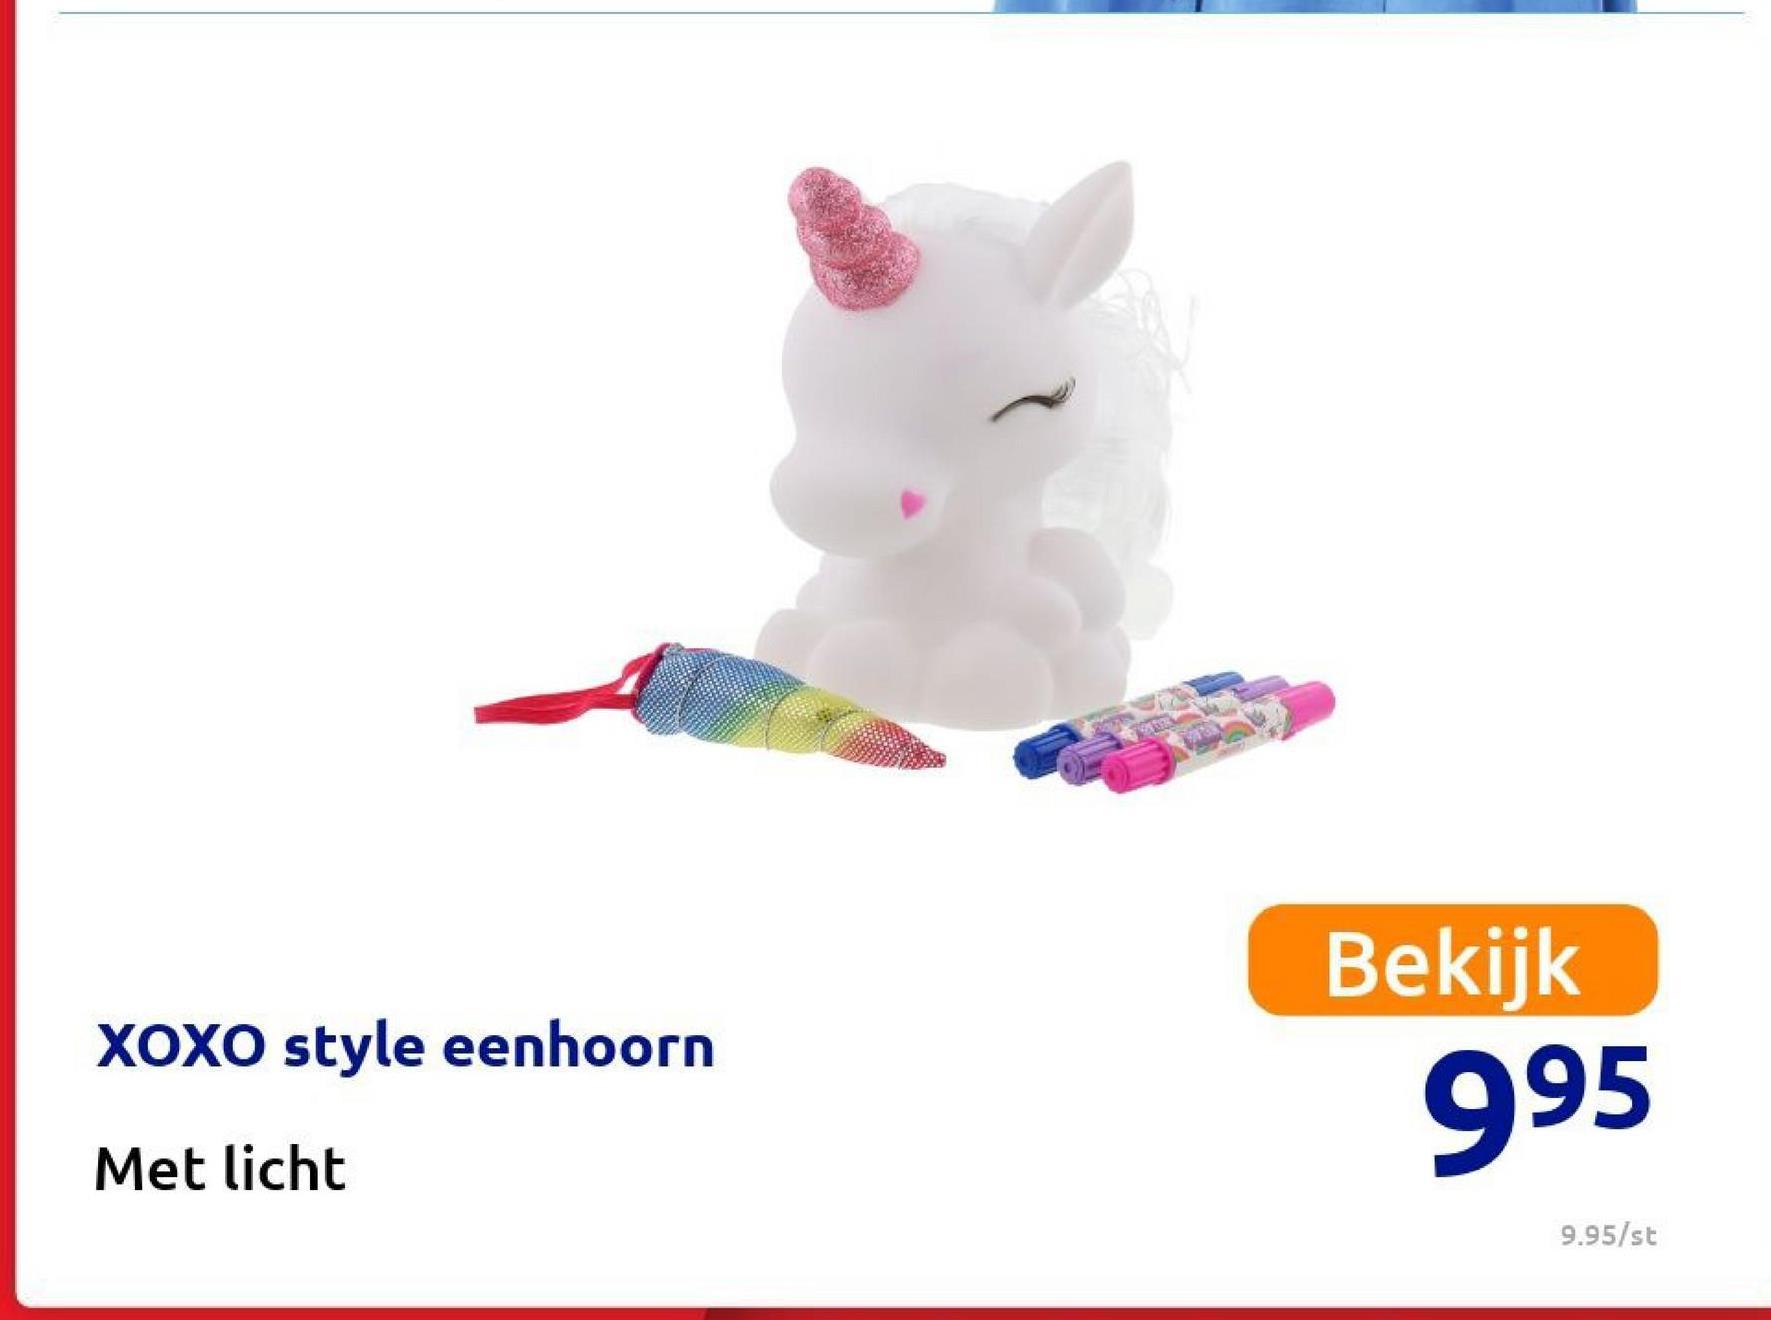 XOXO style eenhoorn Bekijk 995 Met licht 9.95/st